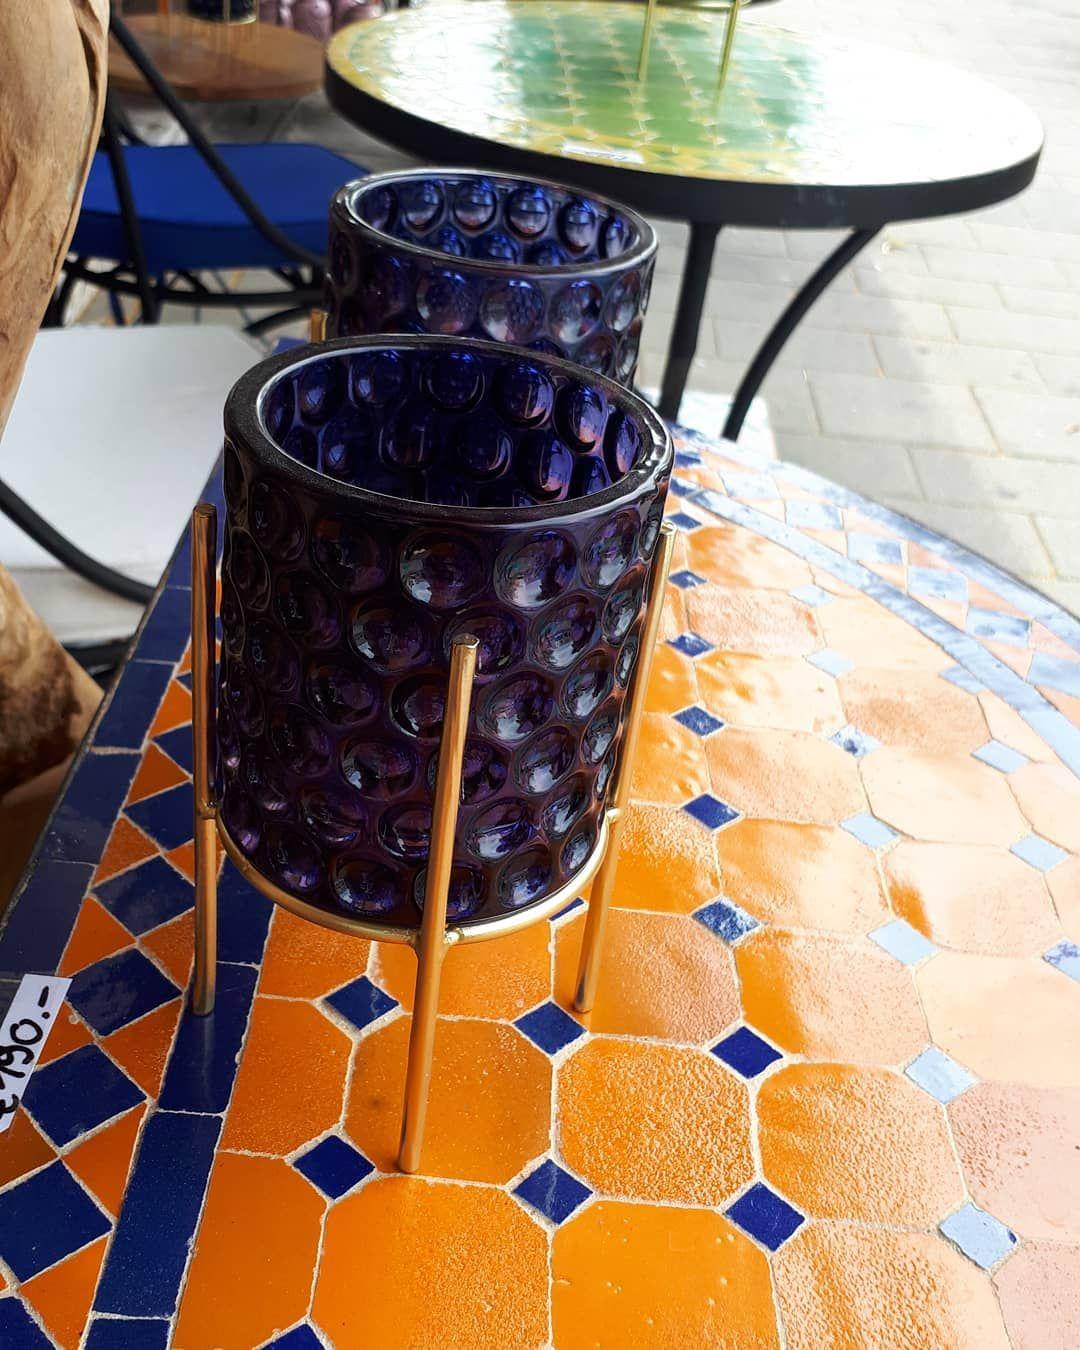 Atelierdessuedens Mosaiktische Gartentisch Tisch Mediterranetische Fliesentisch Mediterran Garten Terrasse K Garten Design Mosaiktisch Fliesen Tische